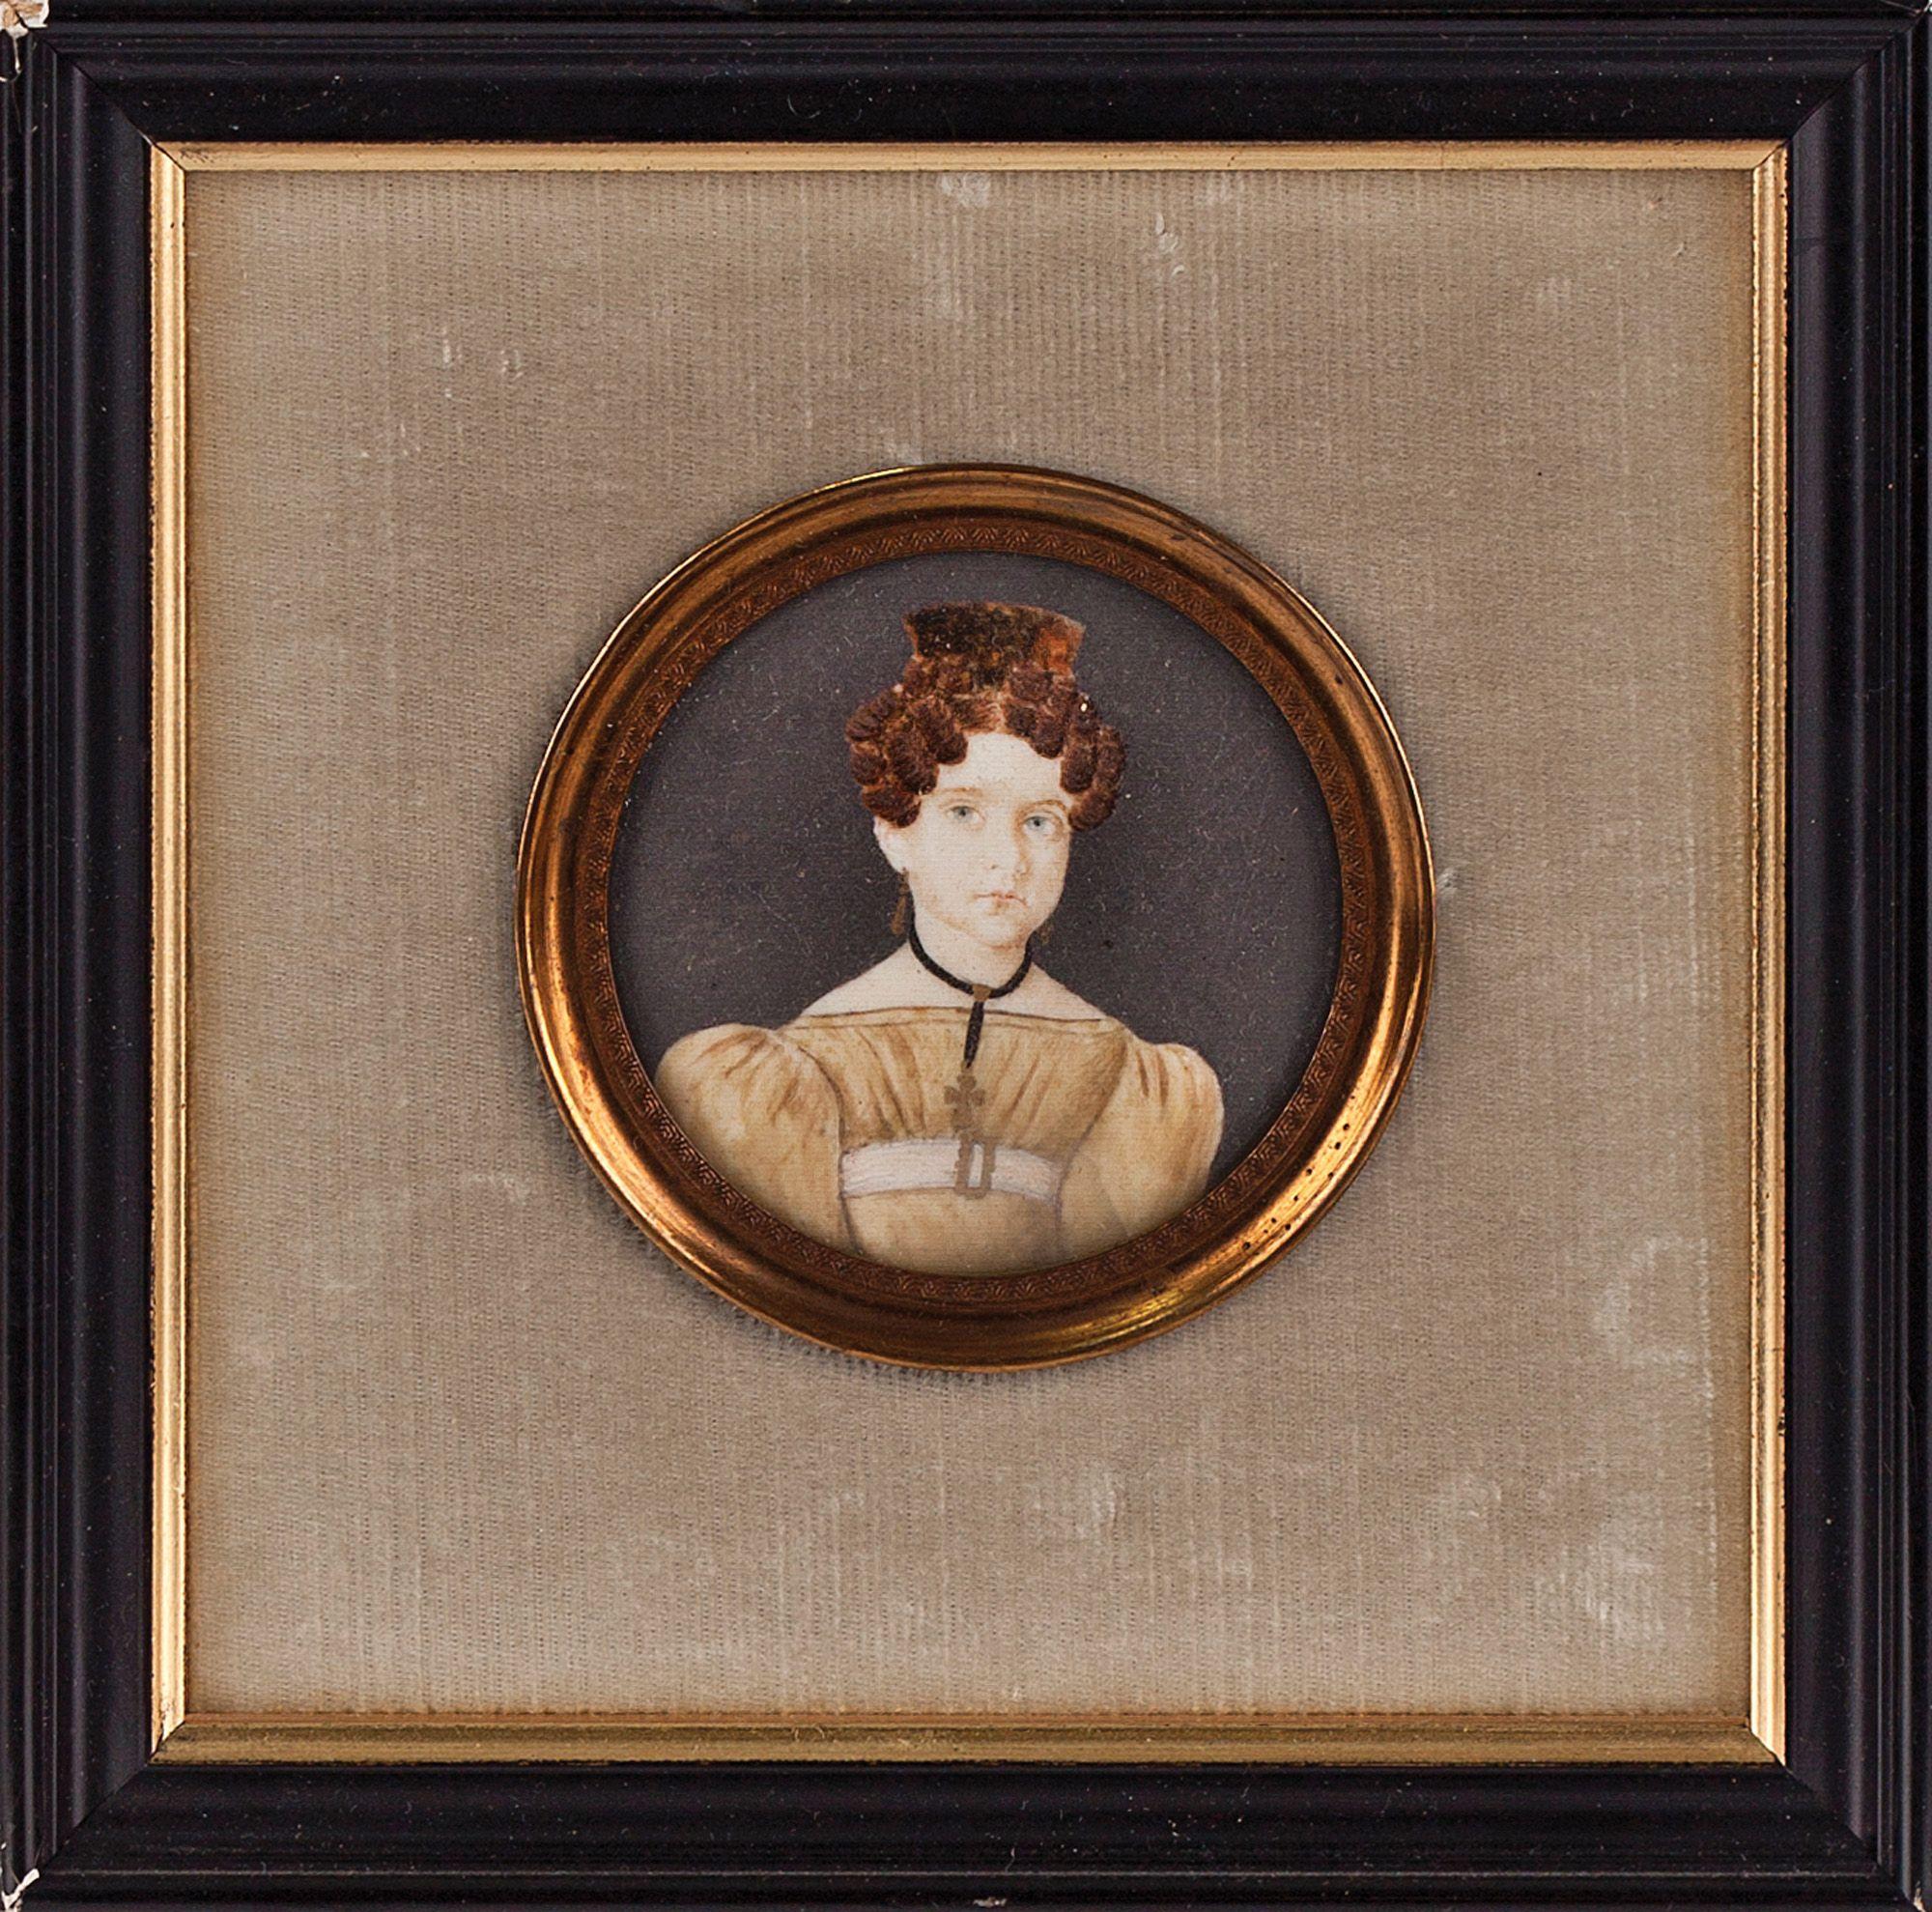 Dama con peineta de carey. Retrato en miniatura, escuela española. Acuarela sobre marfil.